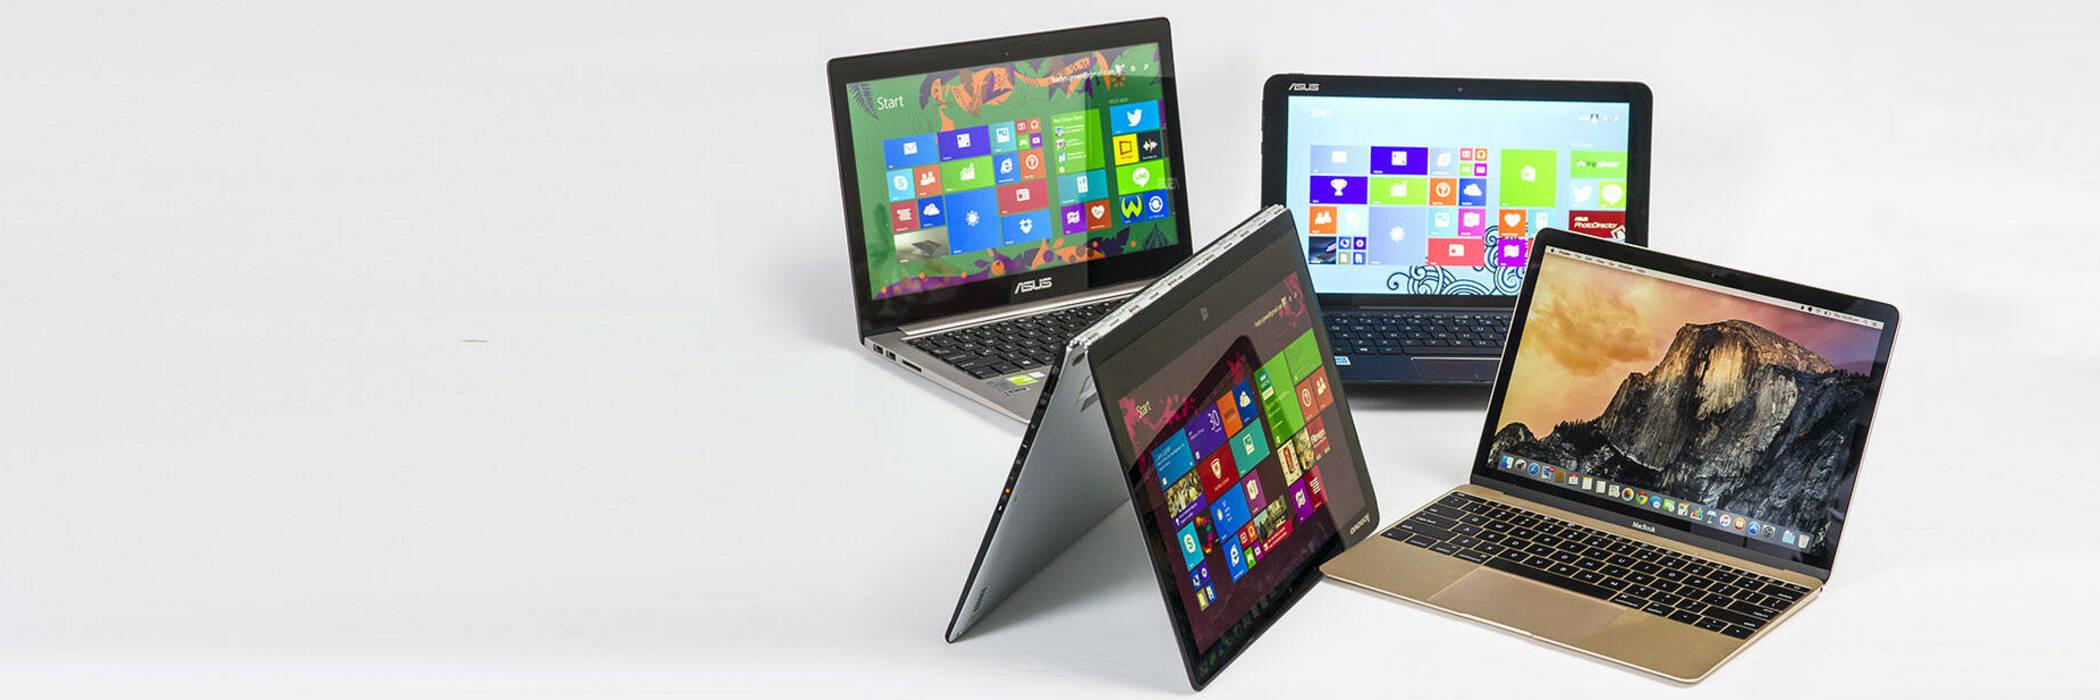 15aug 4 new laptops hero